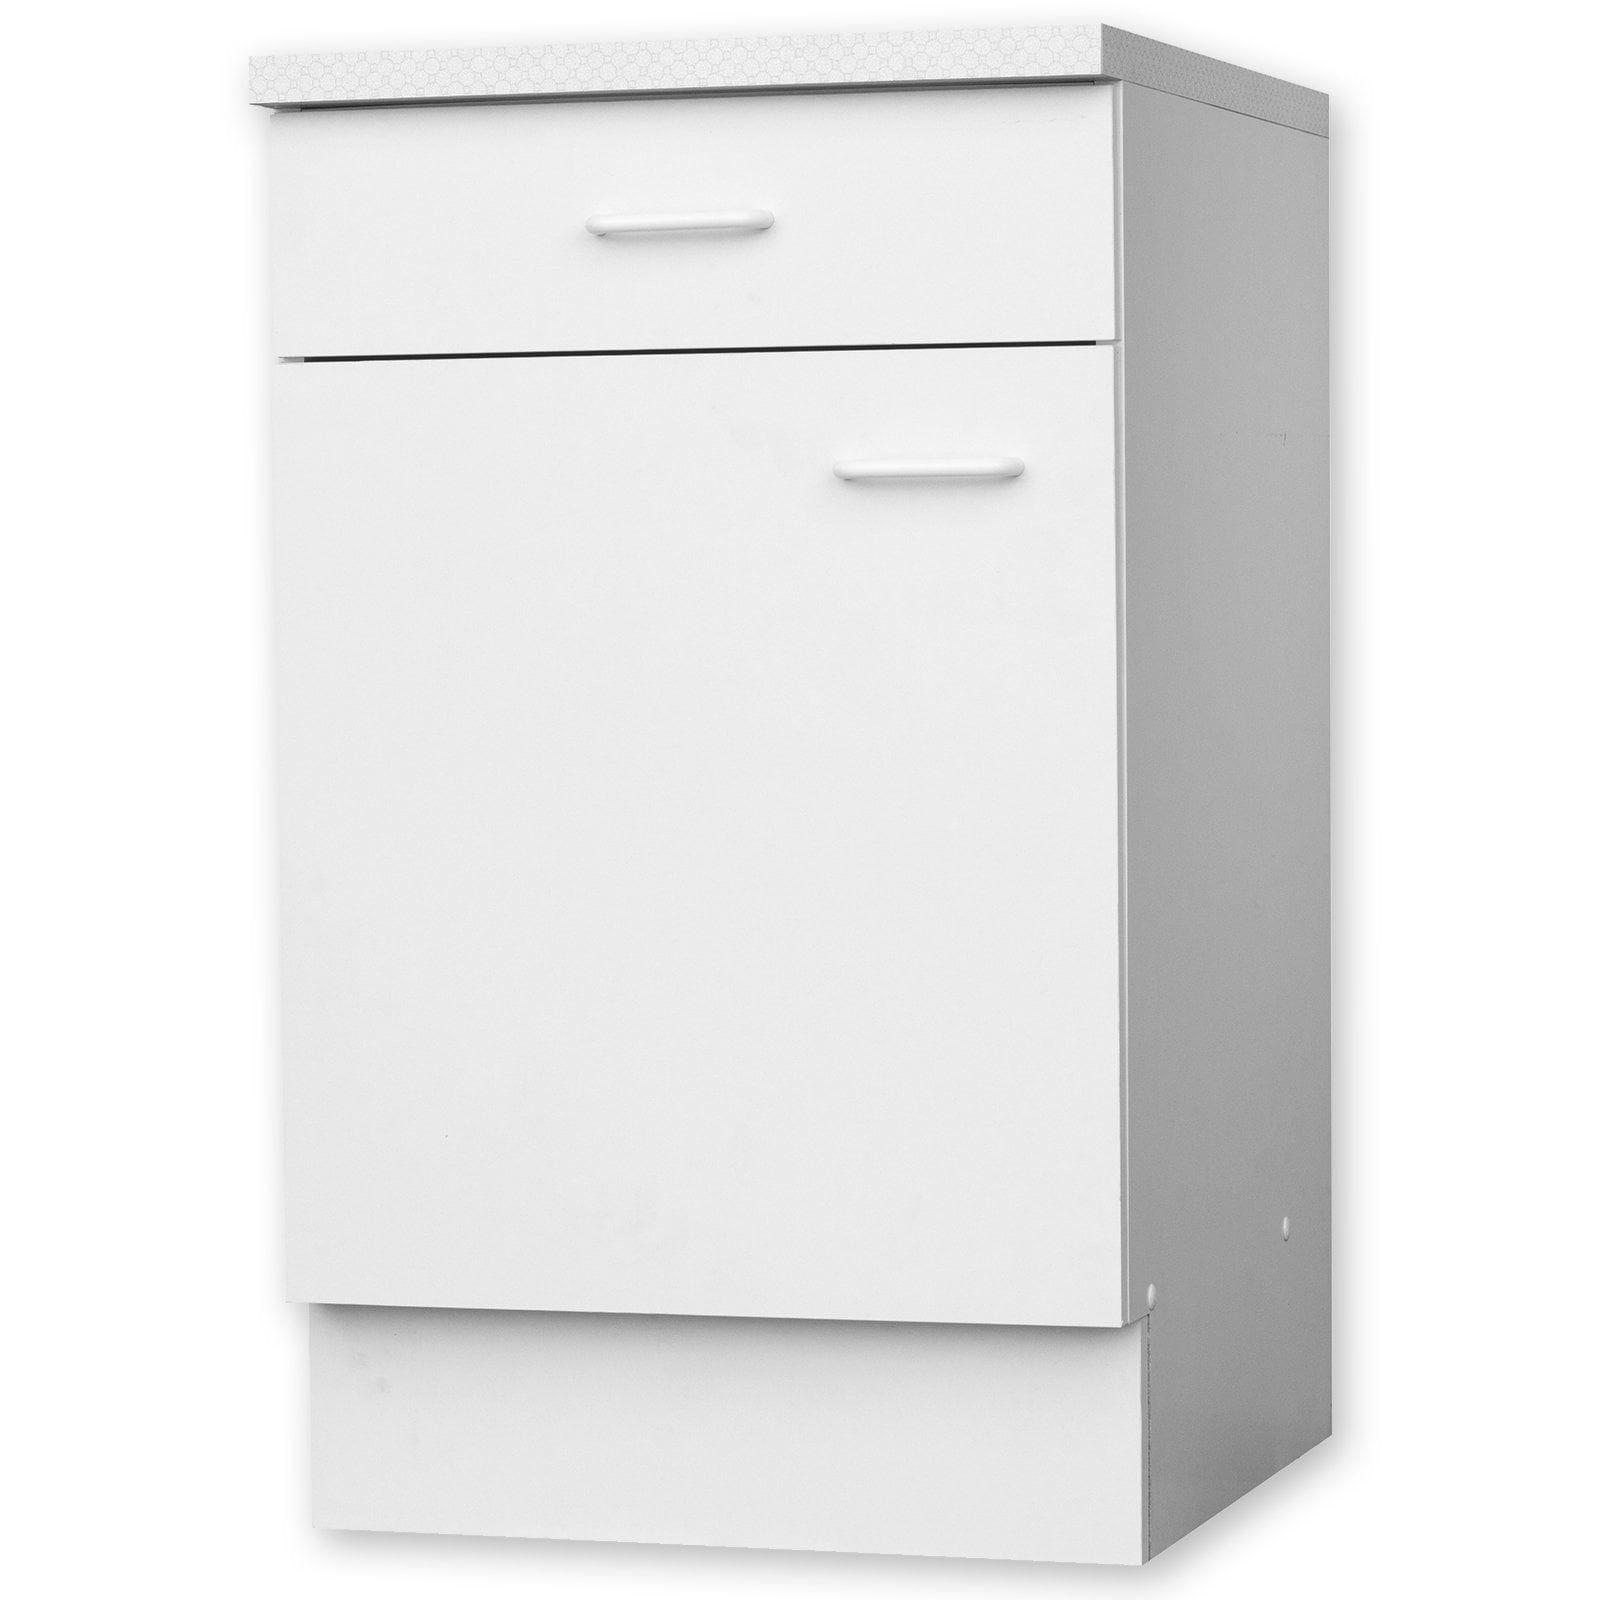 Einzelschranke Kuche In 2019 Filing Cabinet Cabinet Kitchen